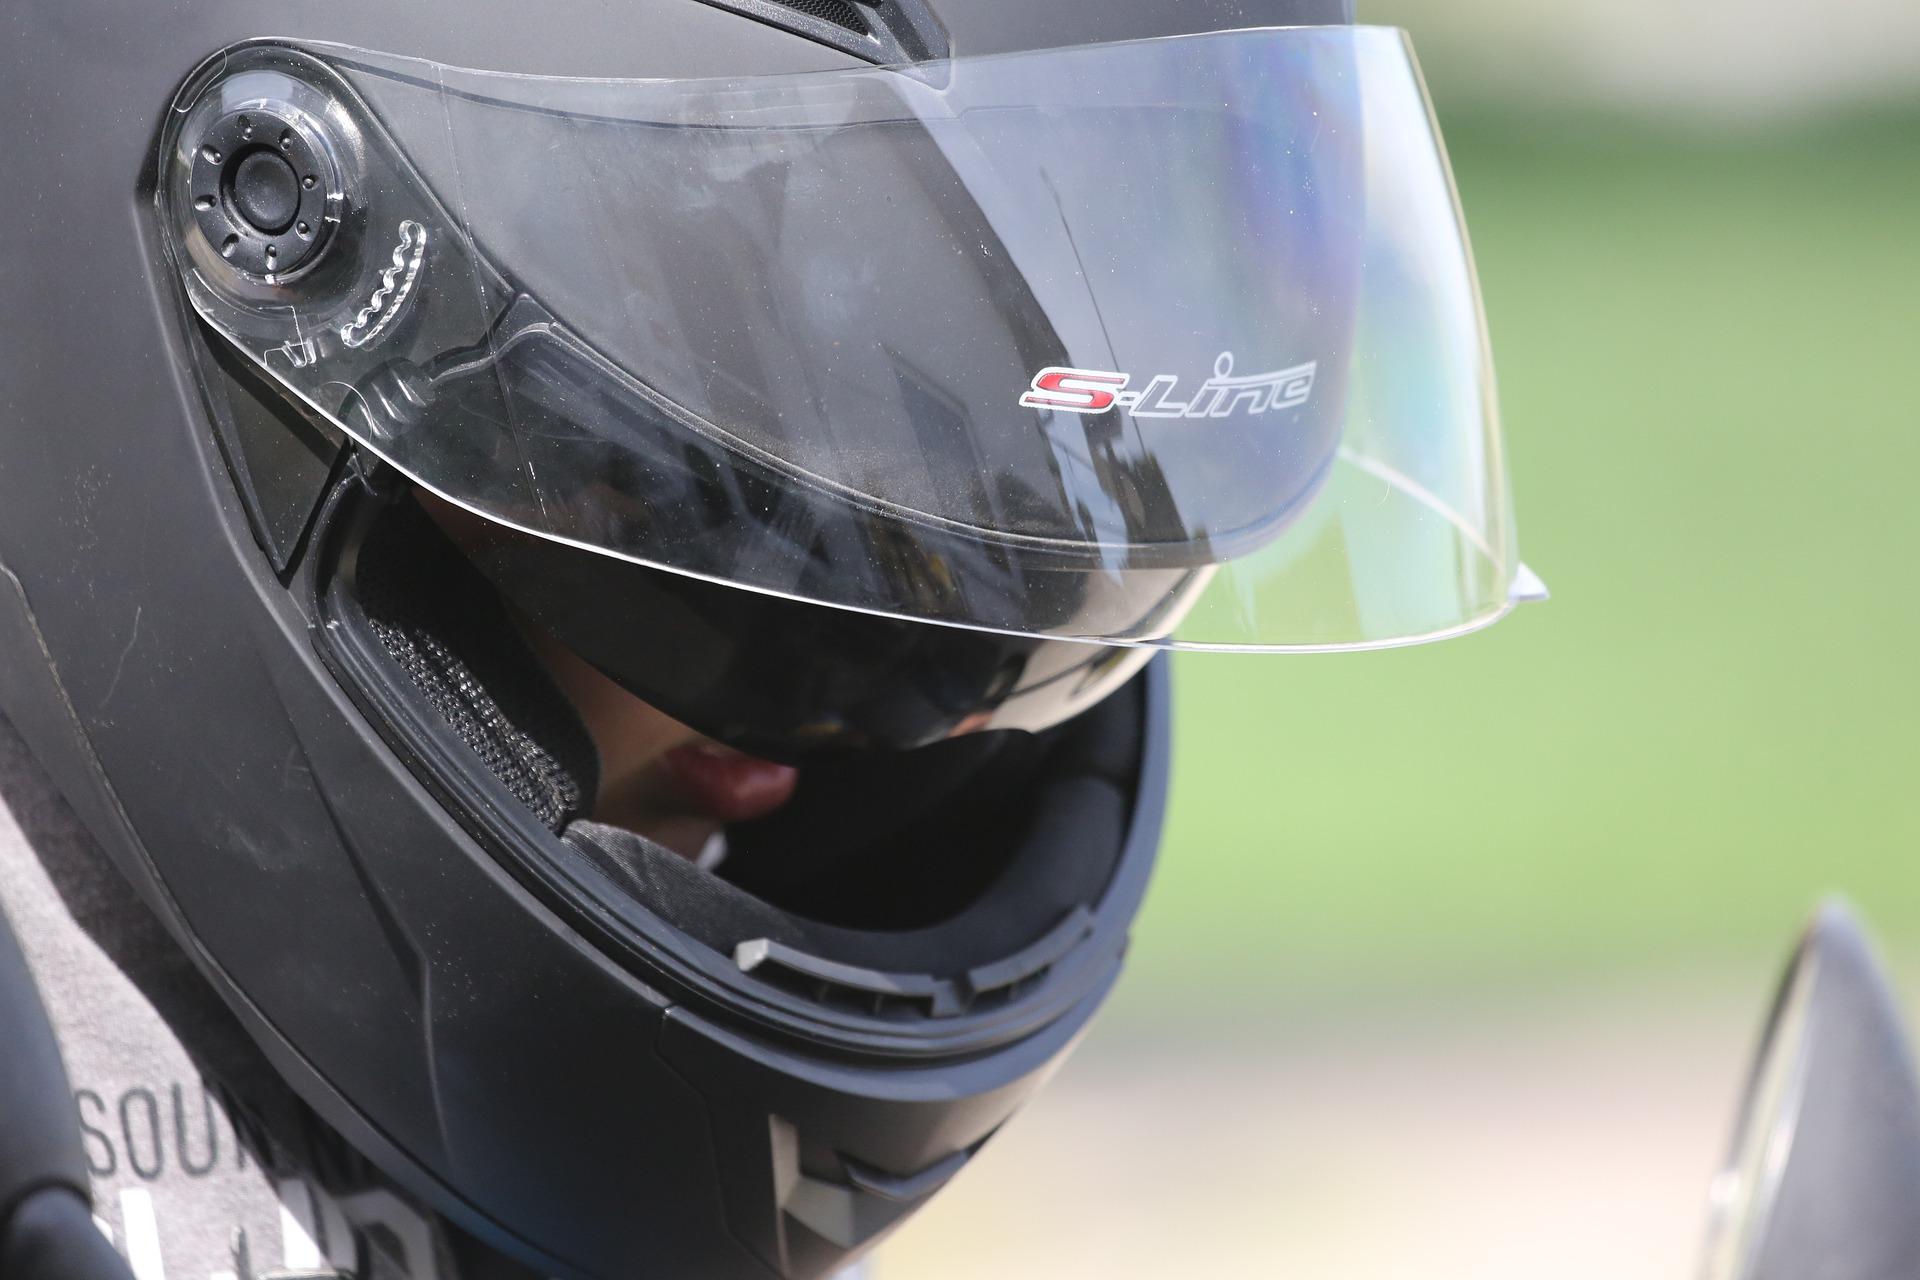 Waarom goede bescherming op de motor, scooter of elektrische fiets zo belangrijk is.